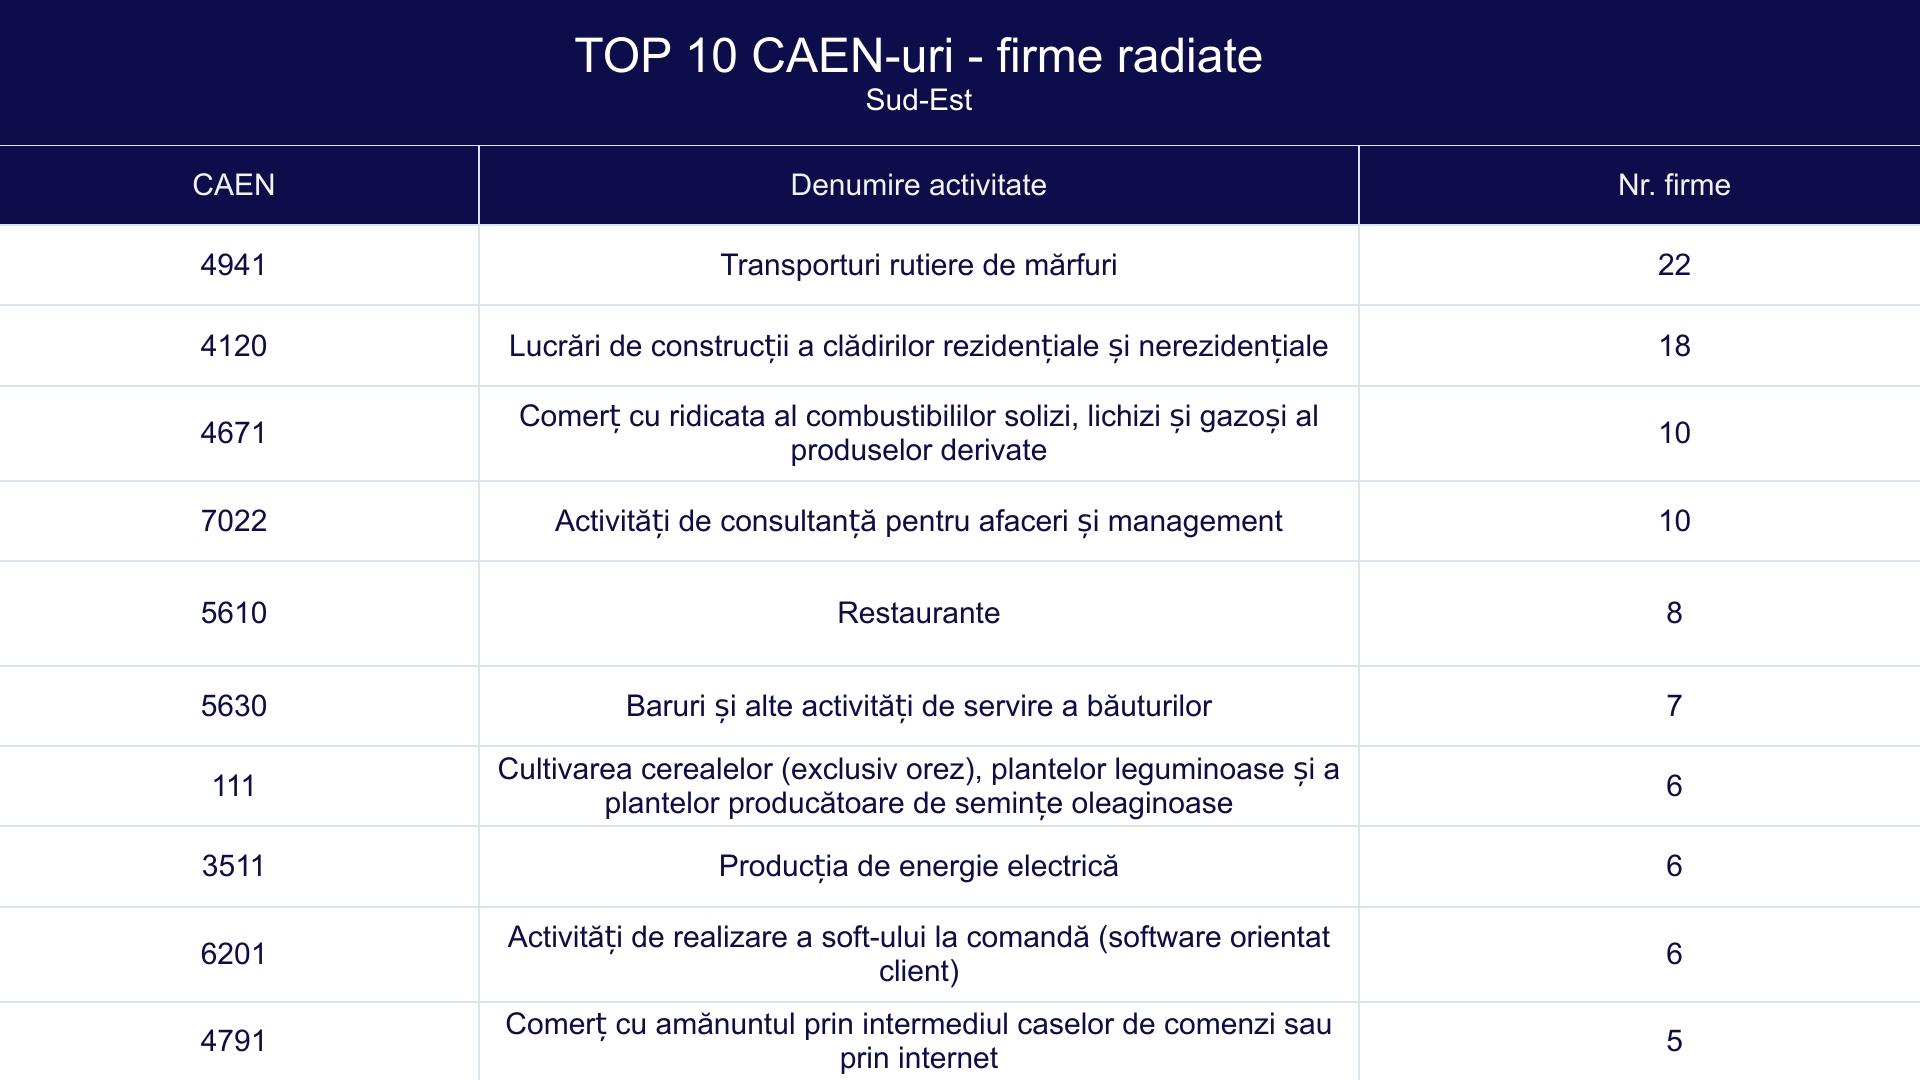 TOP 10 CAEN-uri - firme radiate - Sud Est